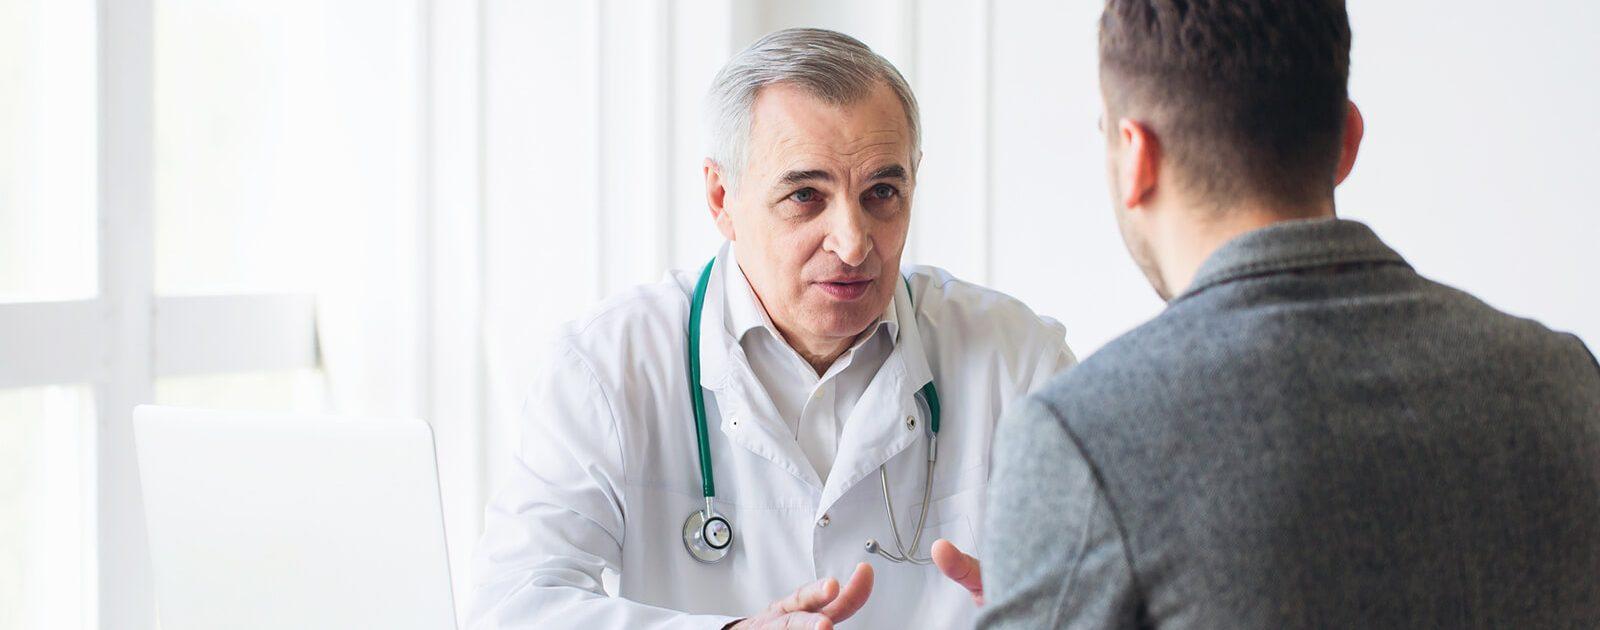 Urologe klärt männlichen Patienten über Risikofaktoren, Symptome und Diagnose von Blasenkrebs auf.